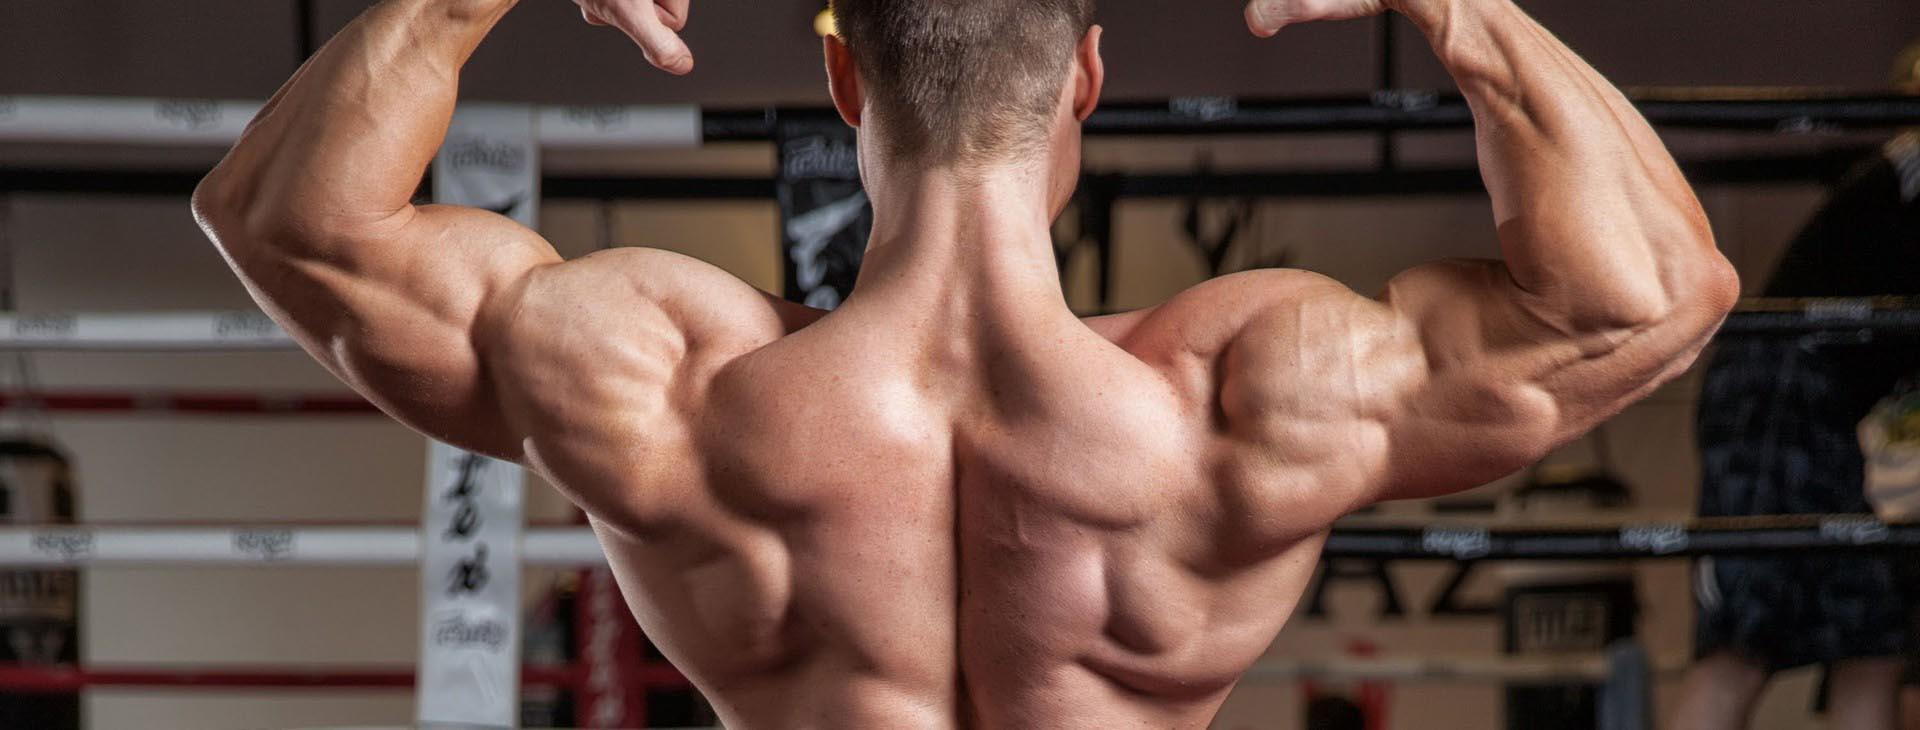 mistä saa steroideja